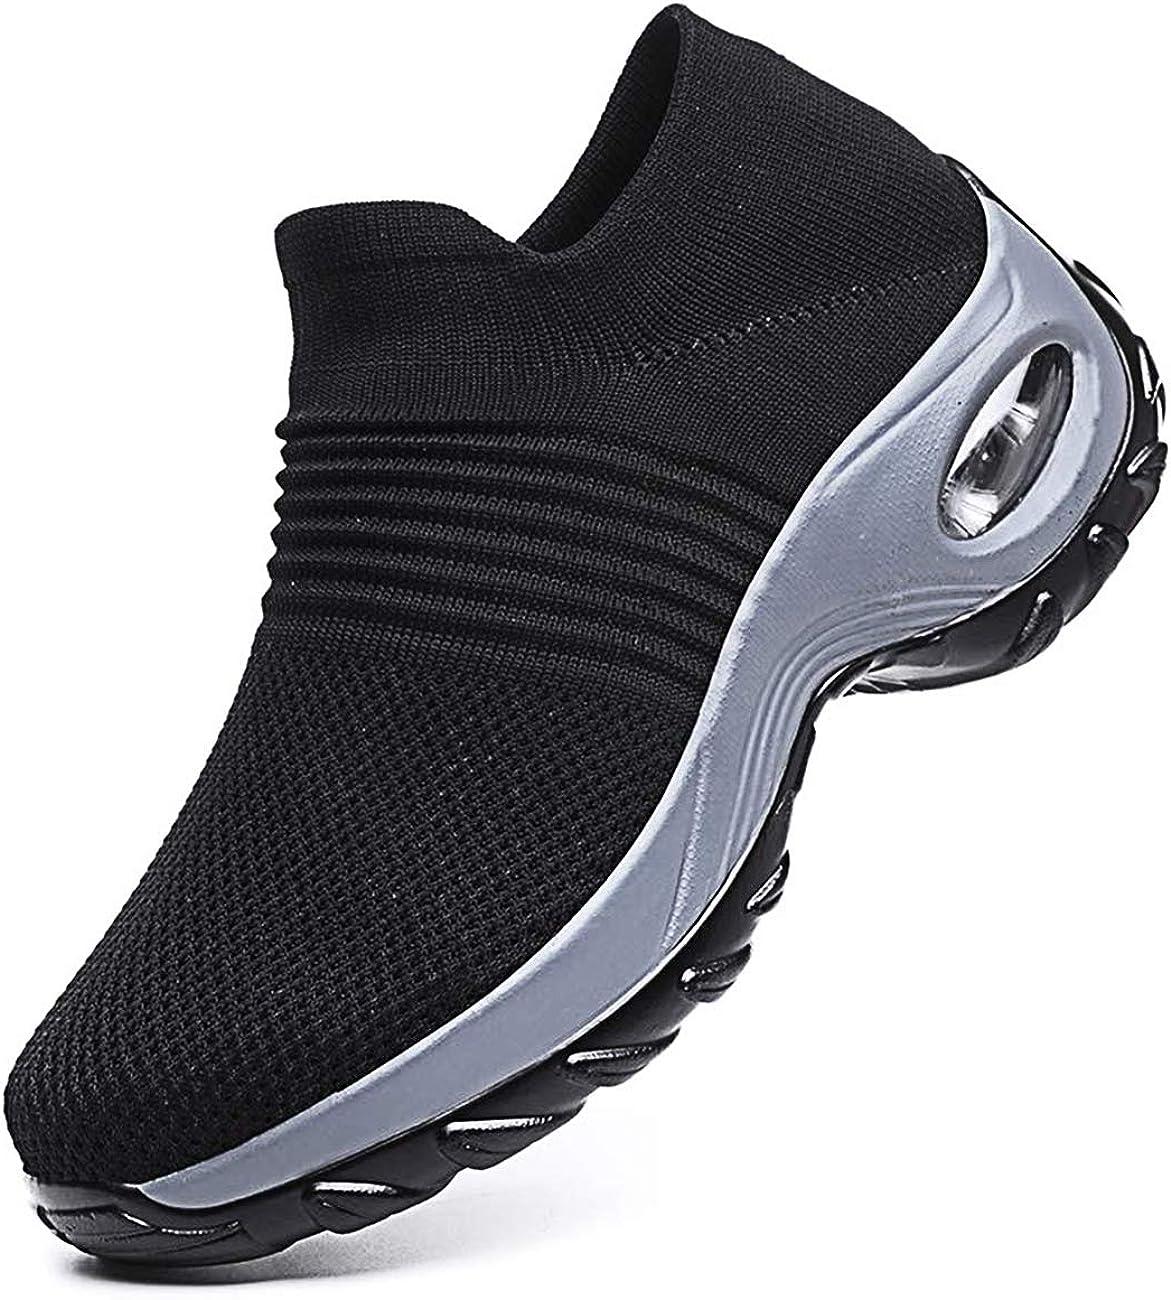 Mujer Ligero Malla para Casuales Running Zapatillas De Deporte Caminar Confortable Zapatos Plano Entrenadores: Amazon.es: Zapatos y complementos